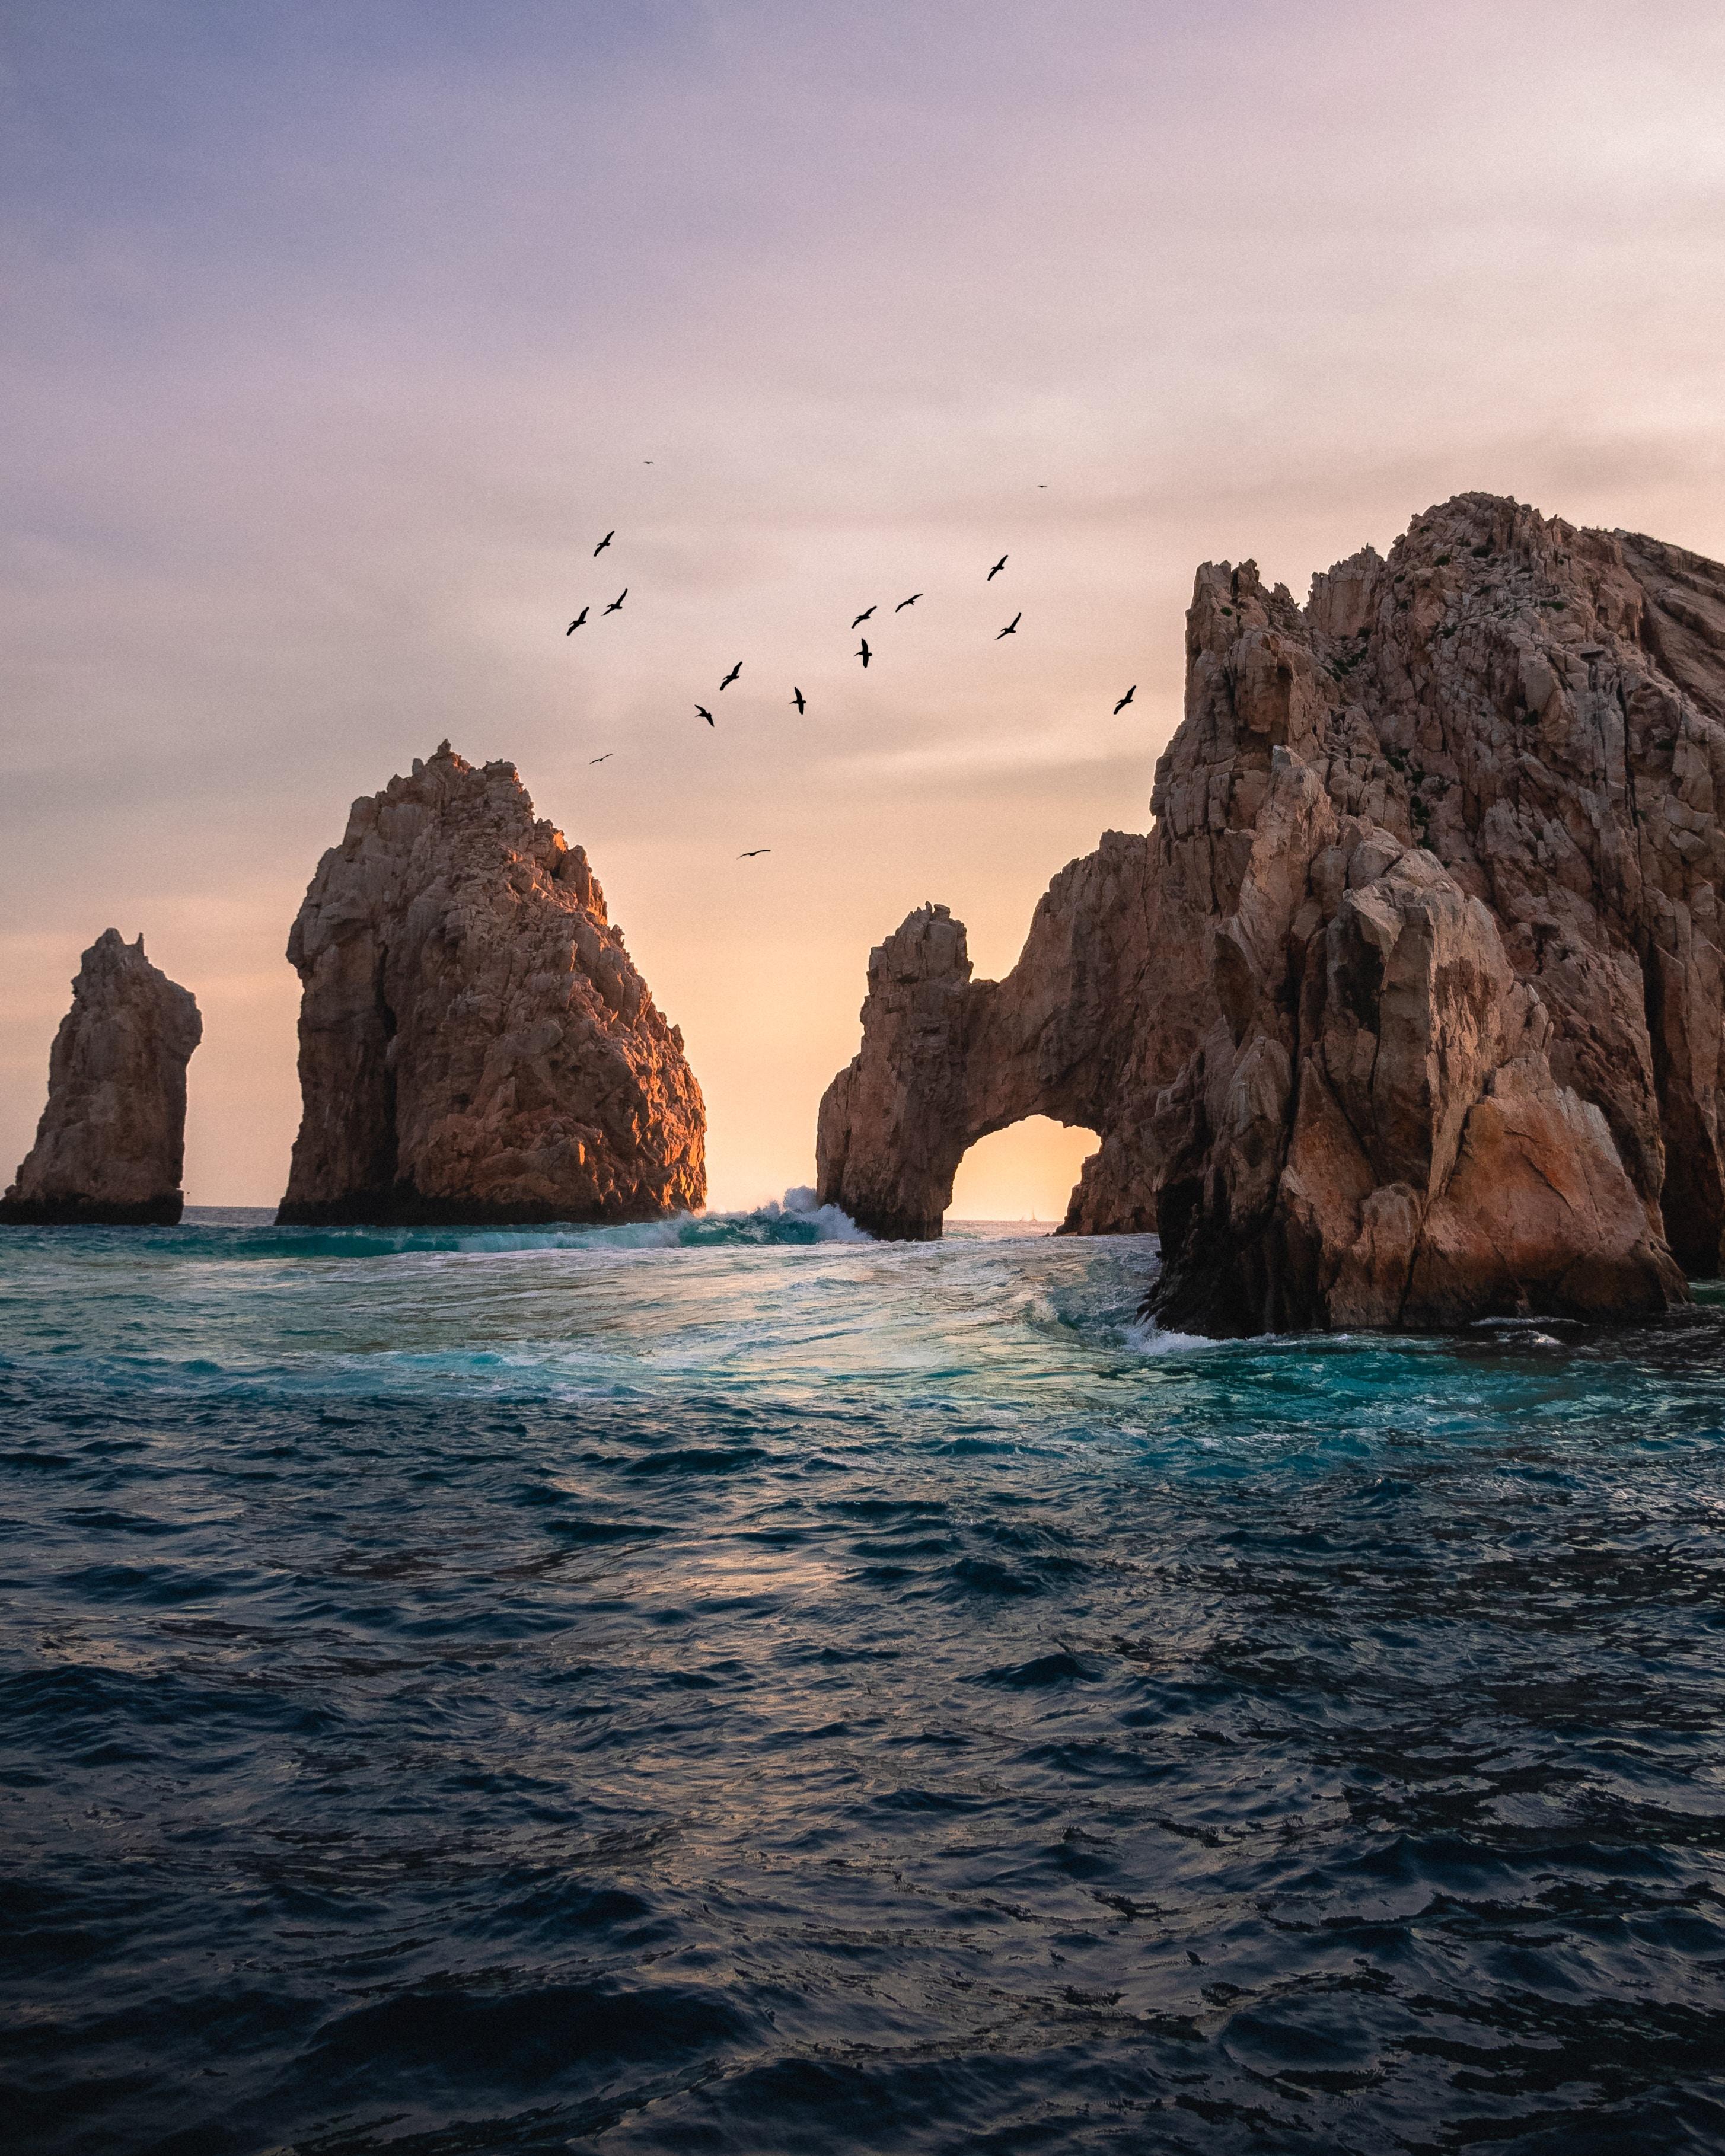 64959 скачать обои Волны, Скалы, Вода, Море, Природа, Птицы - заставки и картинки бесплатно